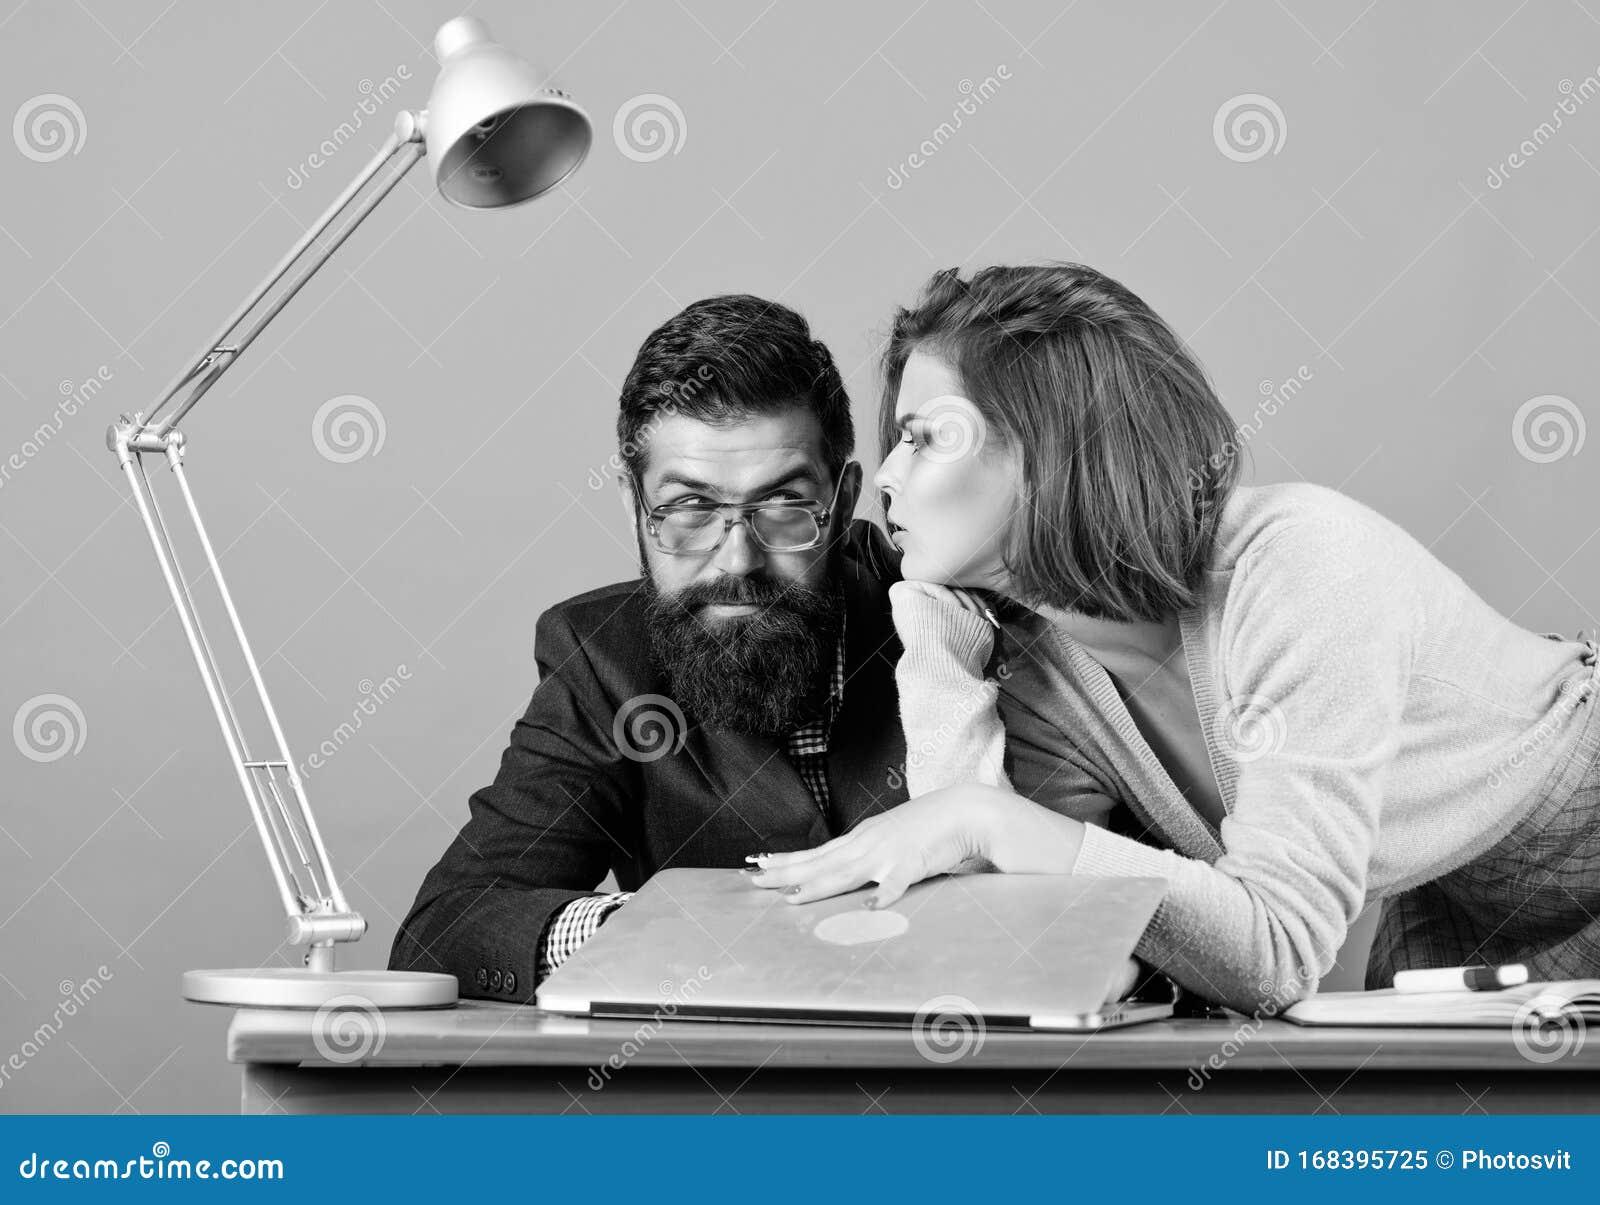 Wie unauffällig mit dem Lehrer flirten? (Schule, Liebe, Unterricht)